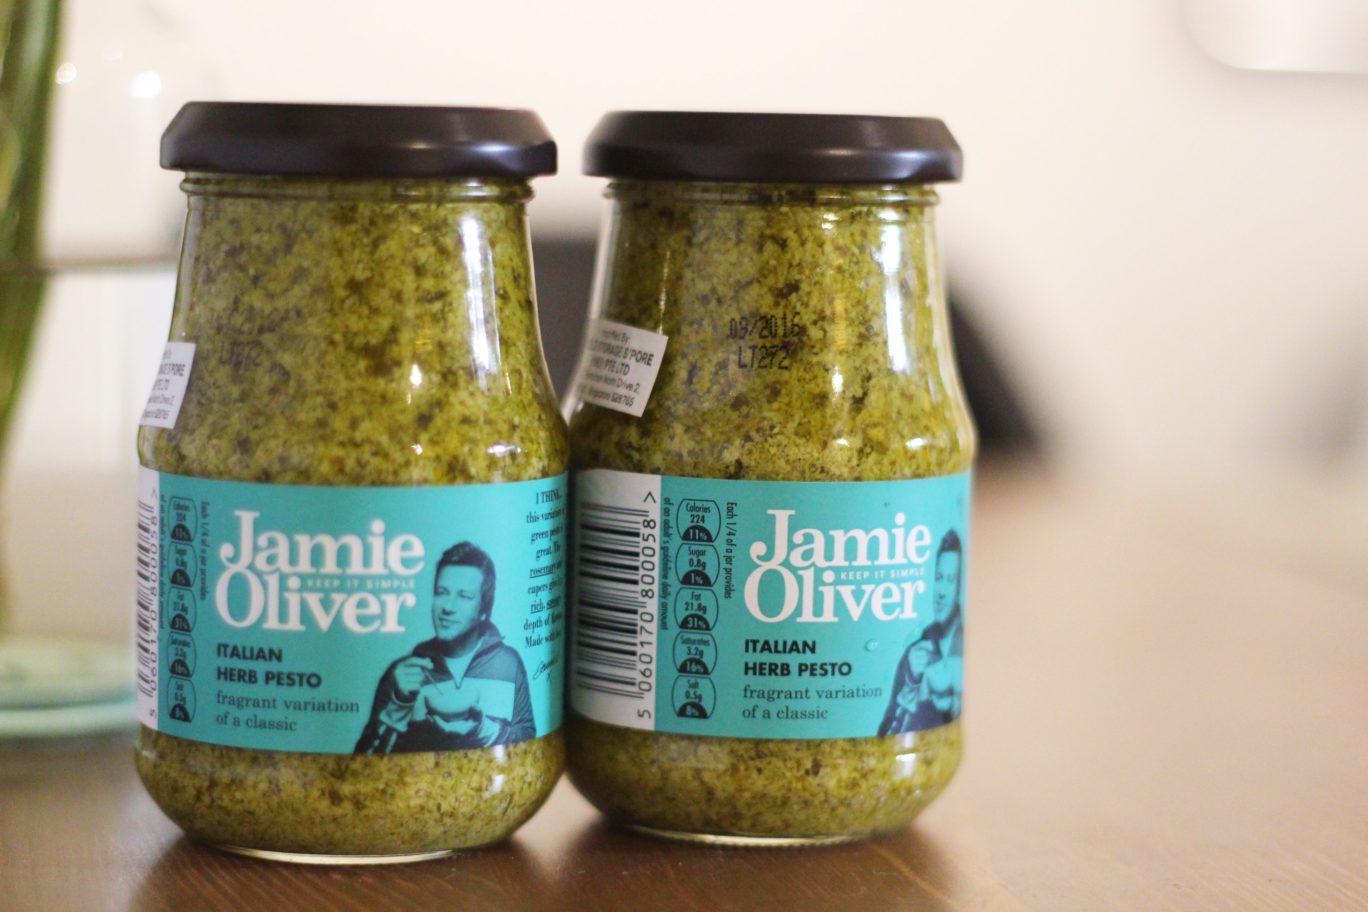 Jamie Oliver's Pasta Sauces